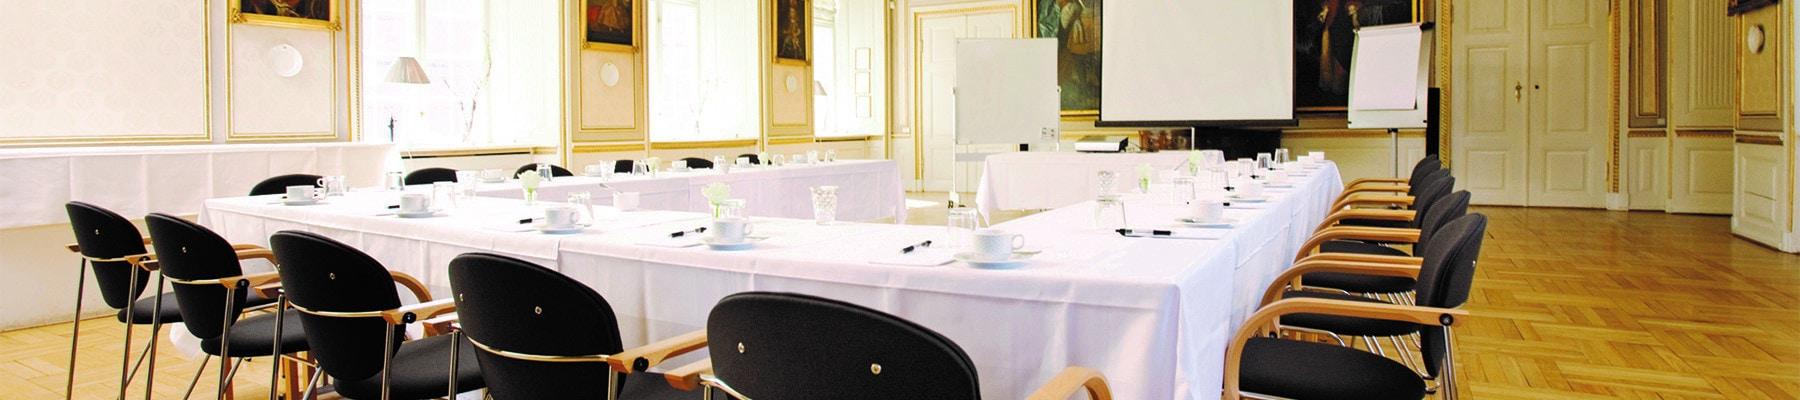 Konferencelokaler og konferencesale